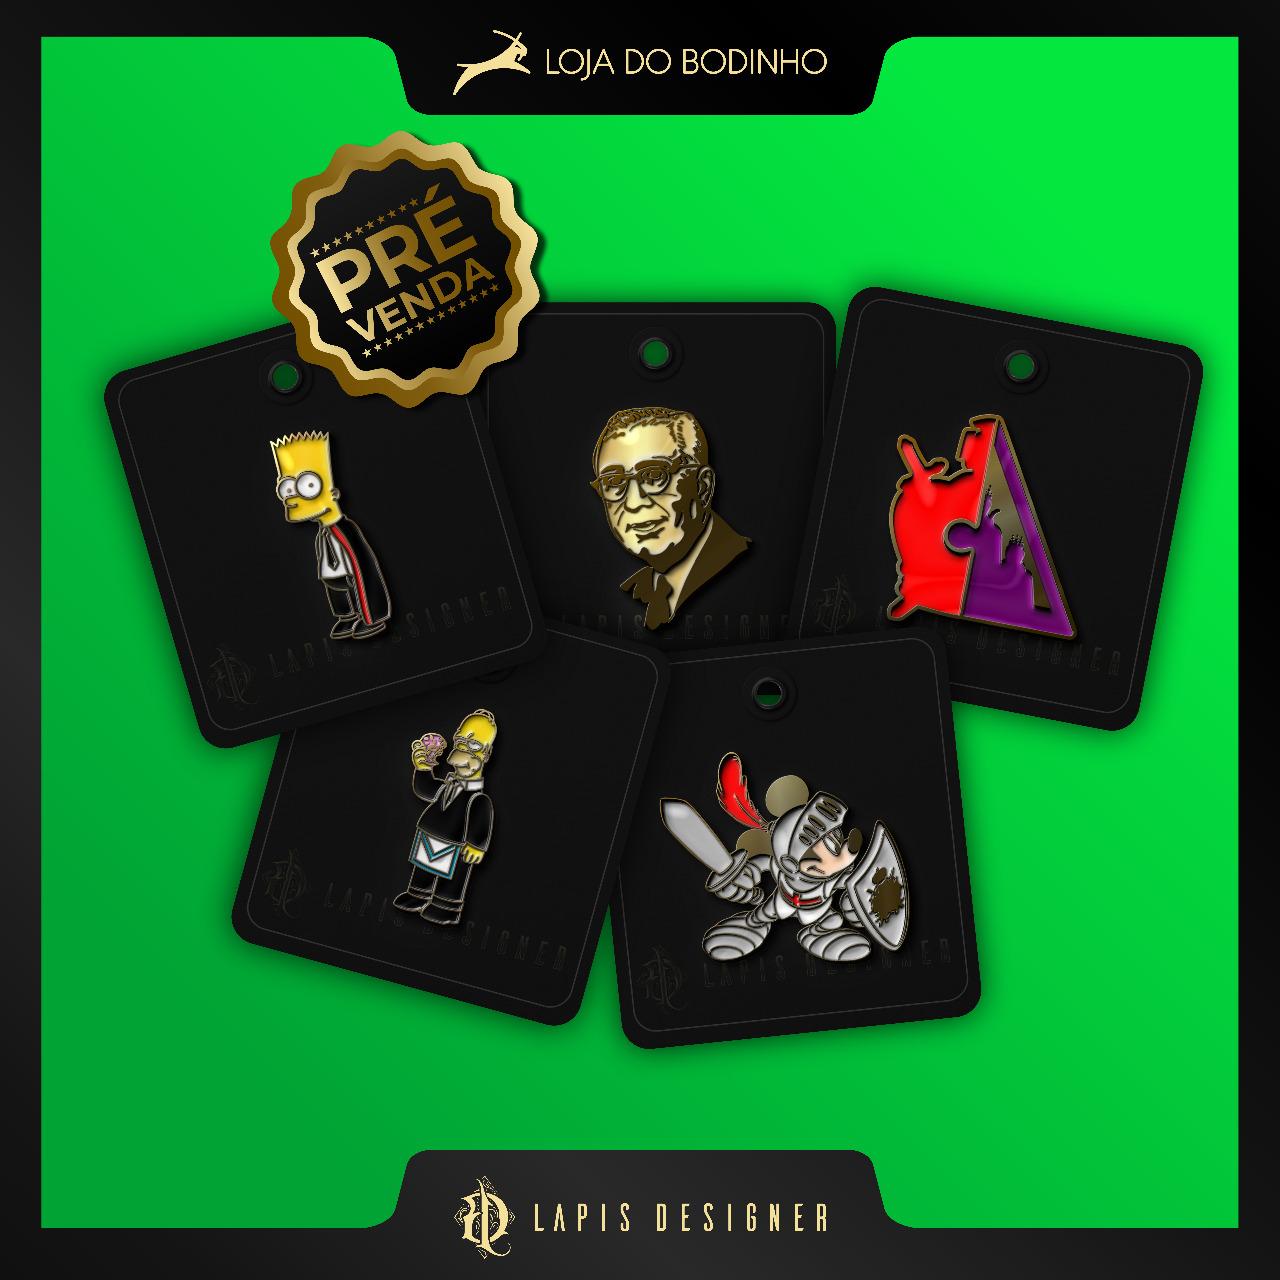 Combo Pré venda PIN DeMolay Colecionador 6 Pins Personagens  - Envio 15/10 (apenas 50 unidades)